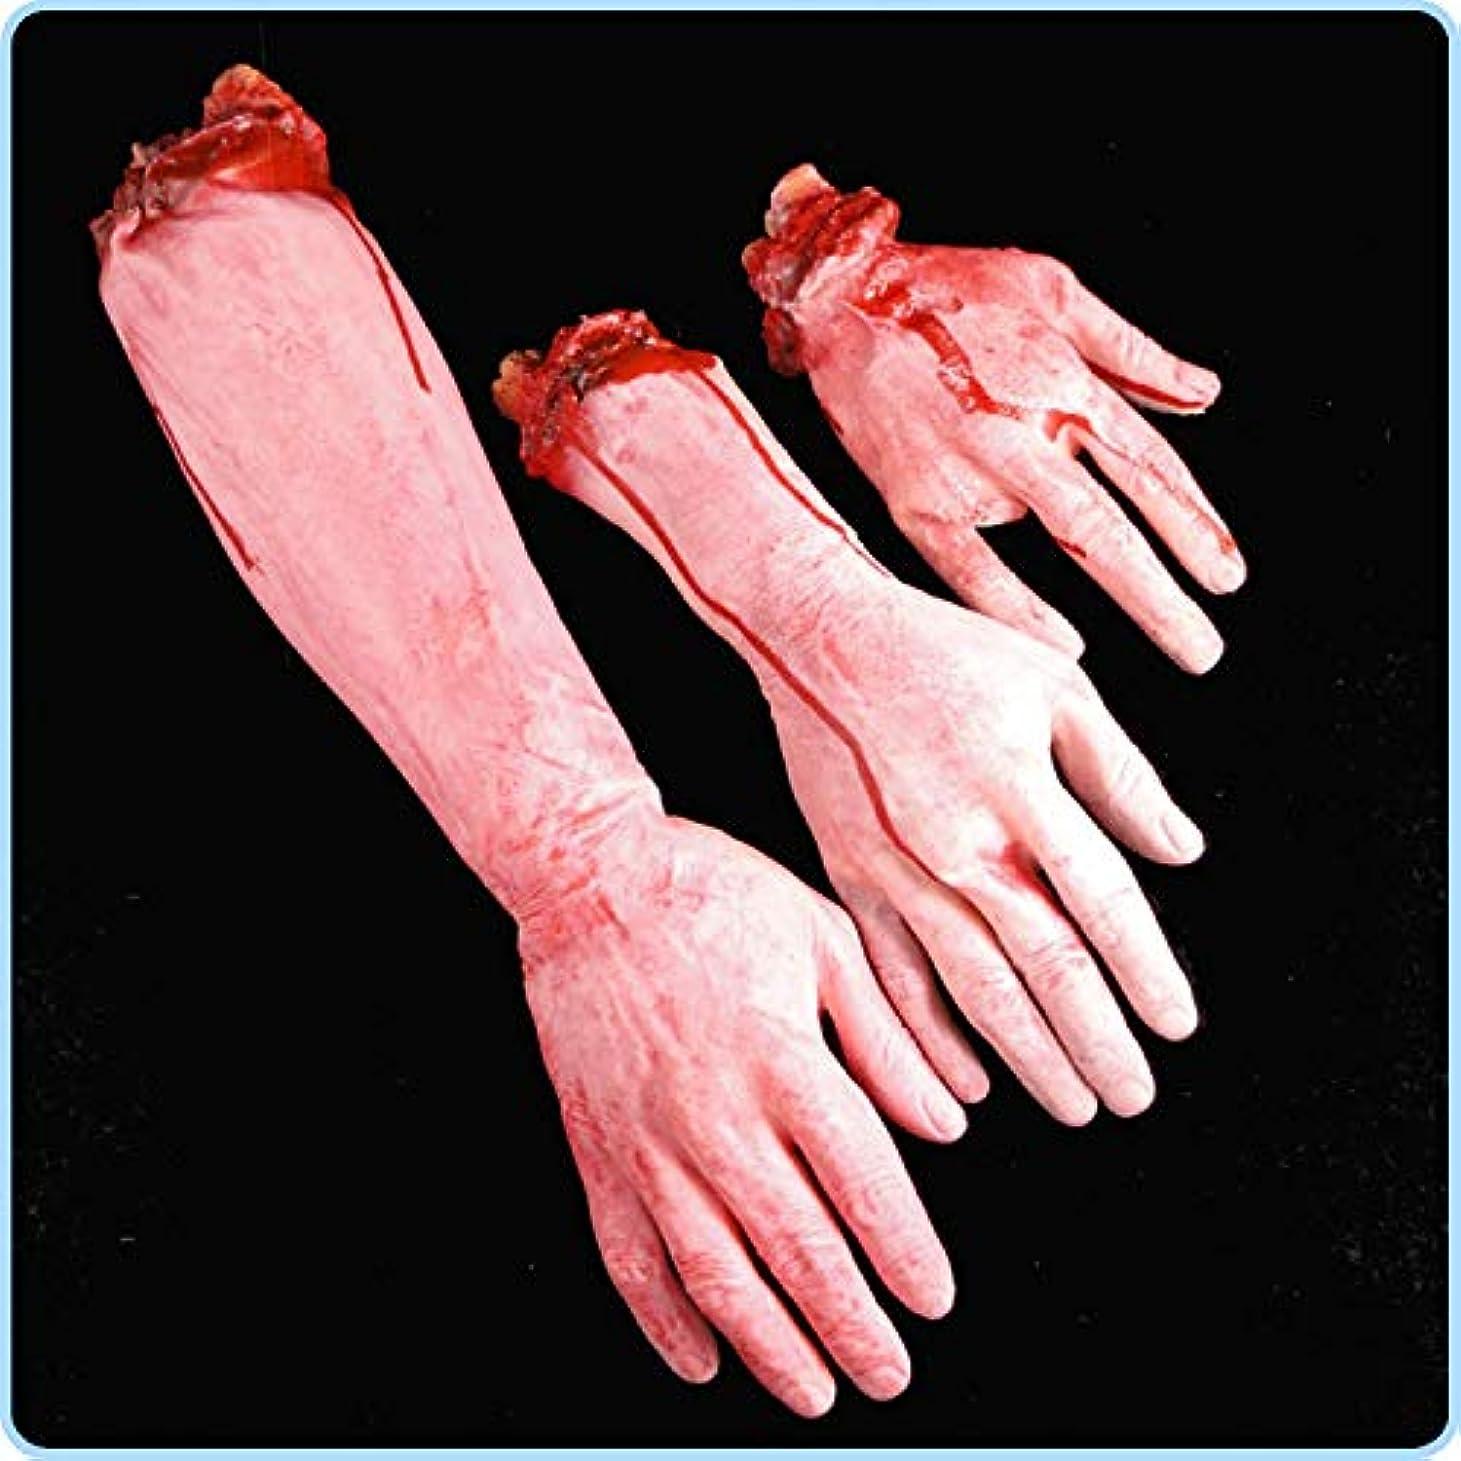 探すナースカスタムETRRUU HOME ハロウィン小道具バーKTV装飾用品リアルなホラー偽の血のホラー大きな壊れた手壊れた足 (Size : S)